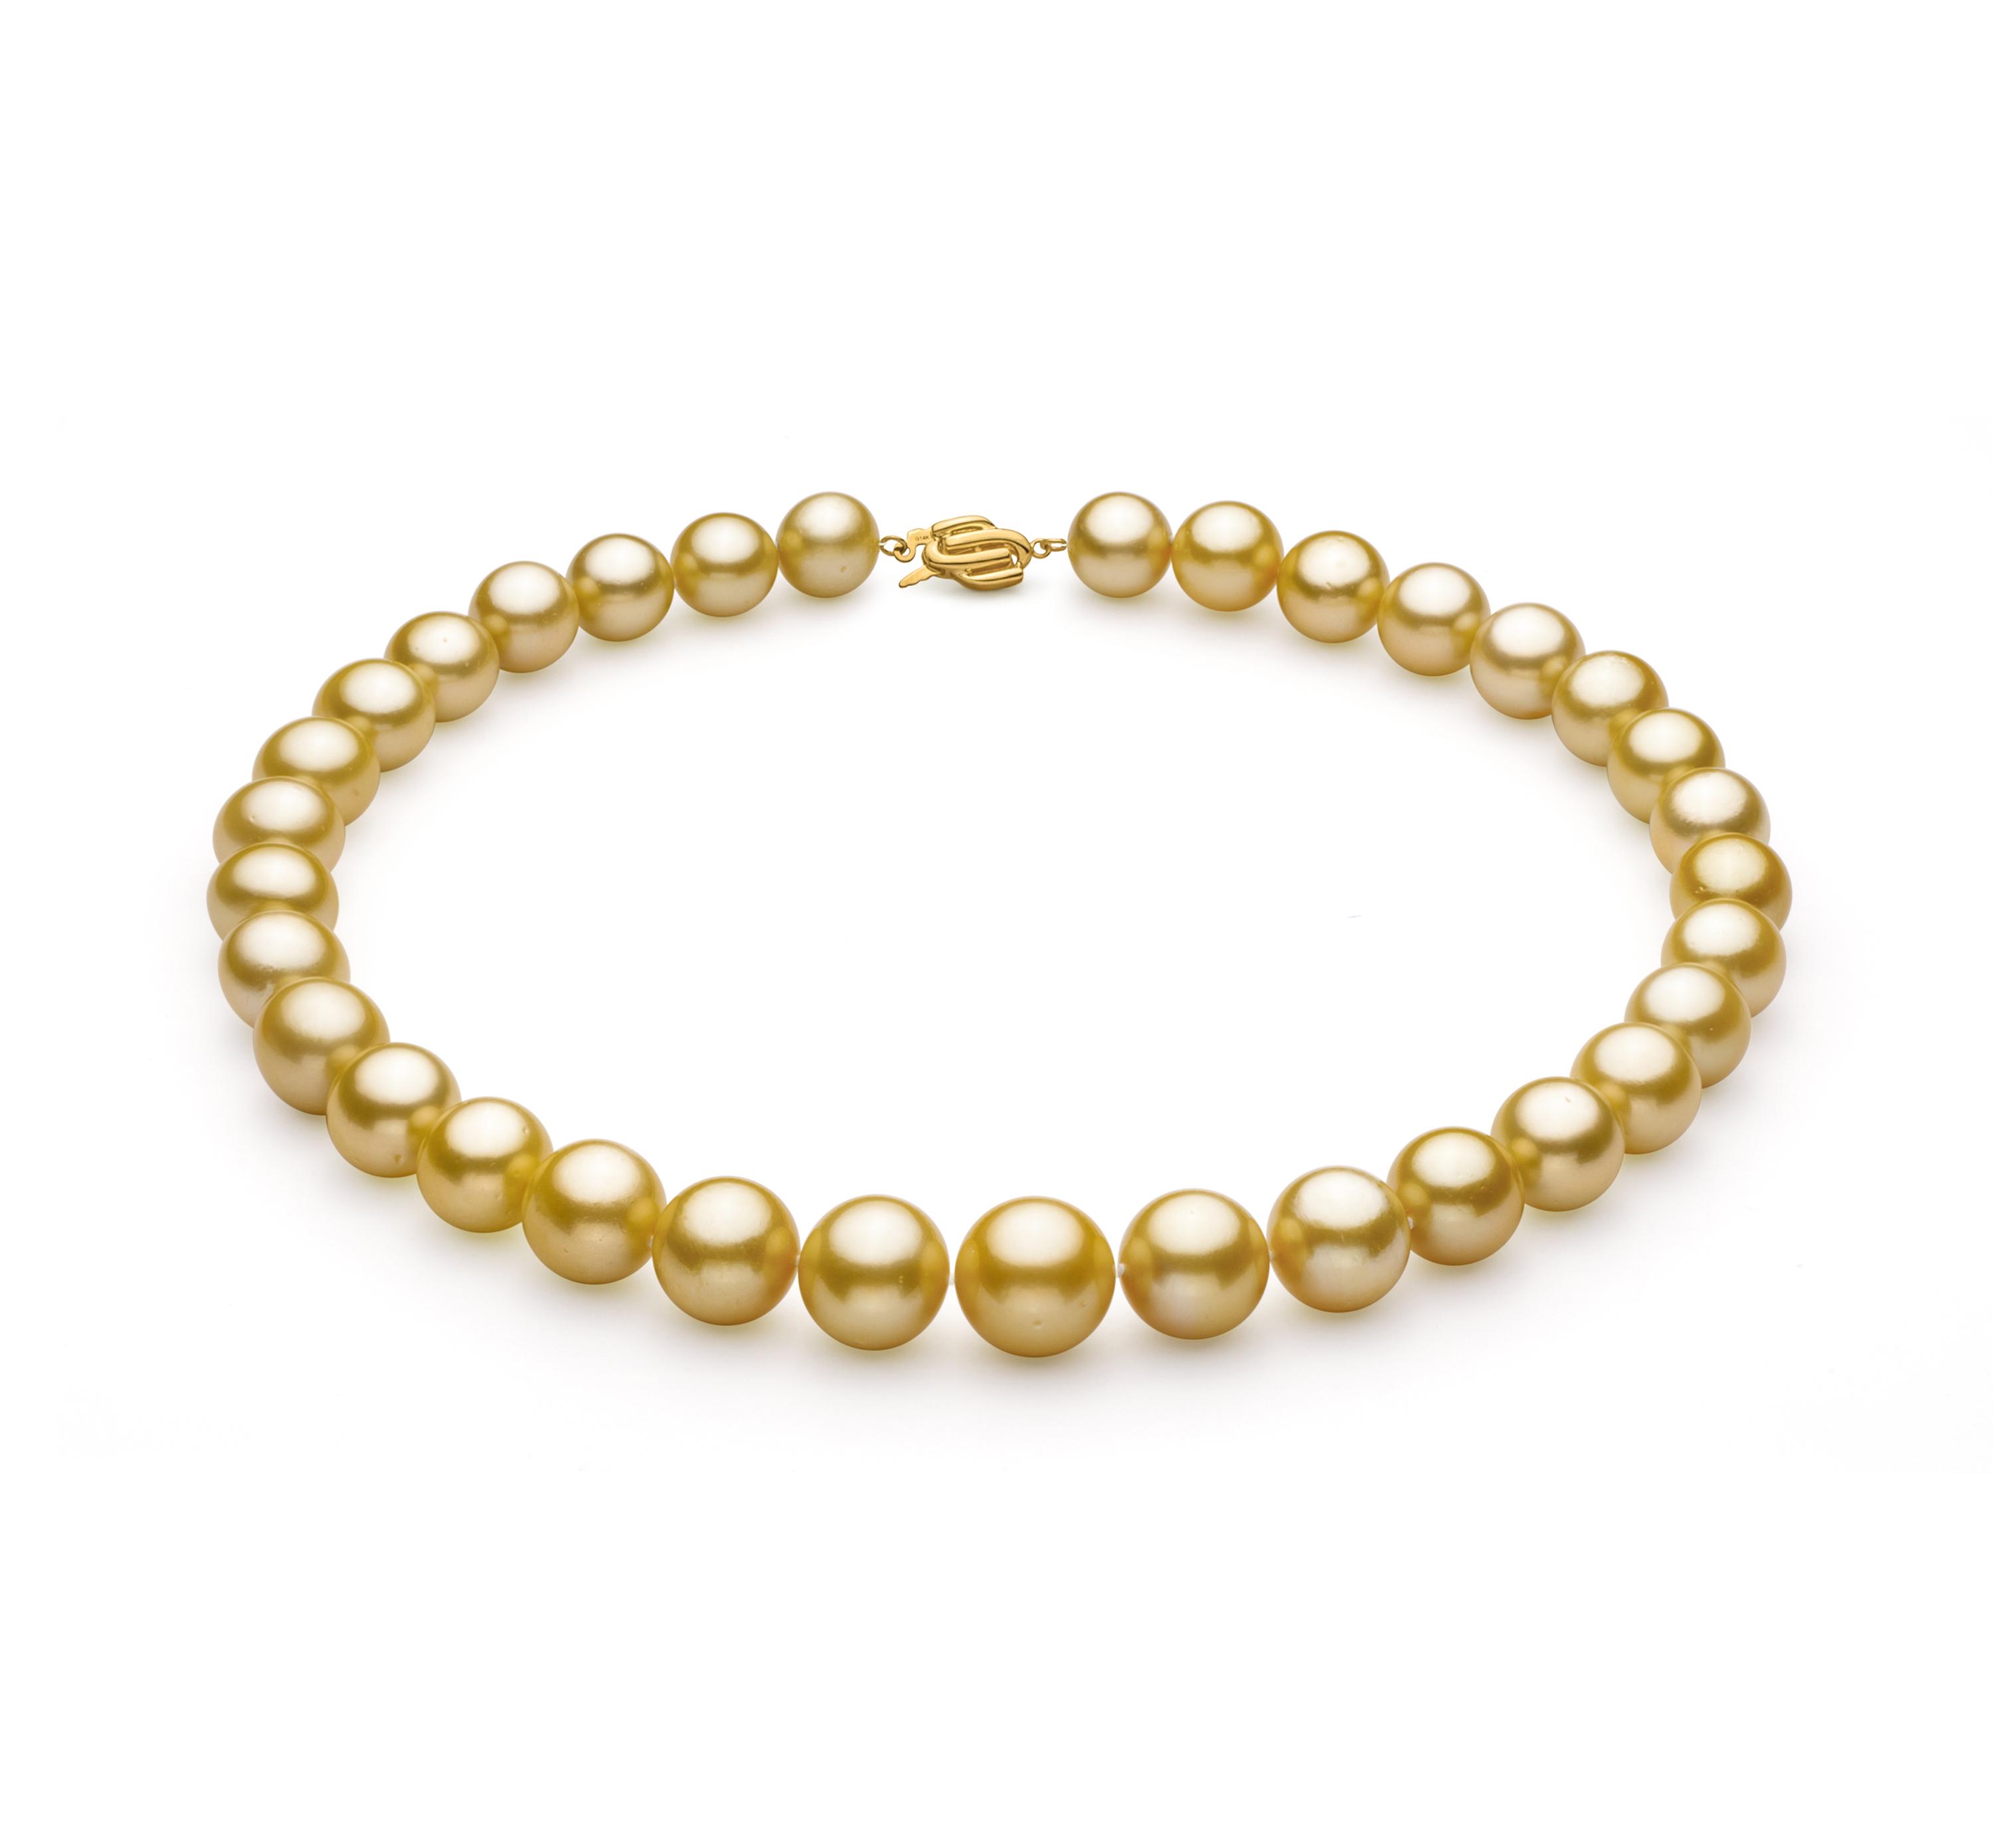 Oro 11.53-15.2mm Qualità AAA+ - Collana di Perle Dei Mari del Sud - Oro Giallo 14k